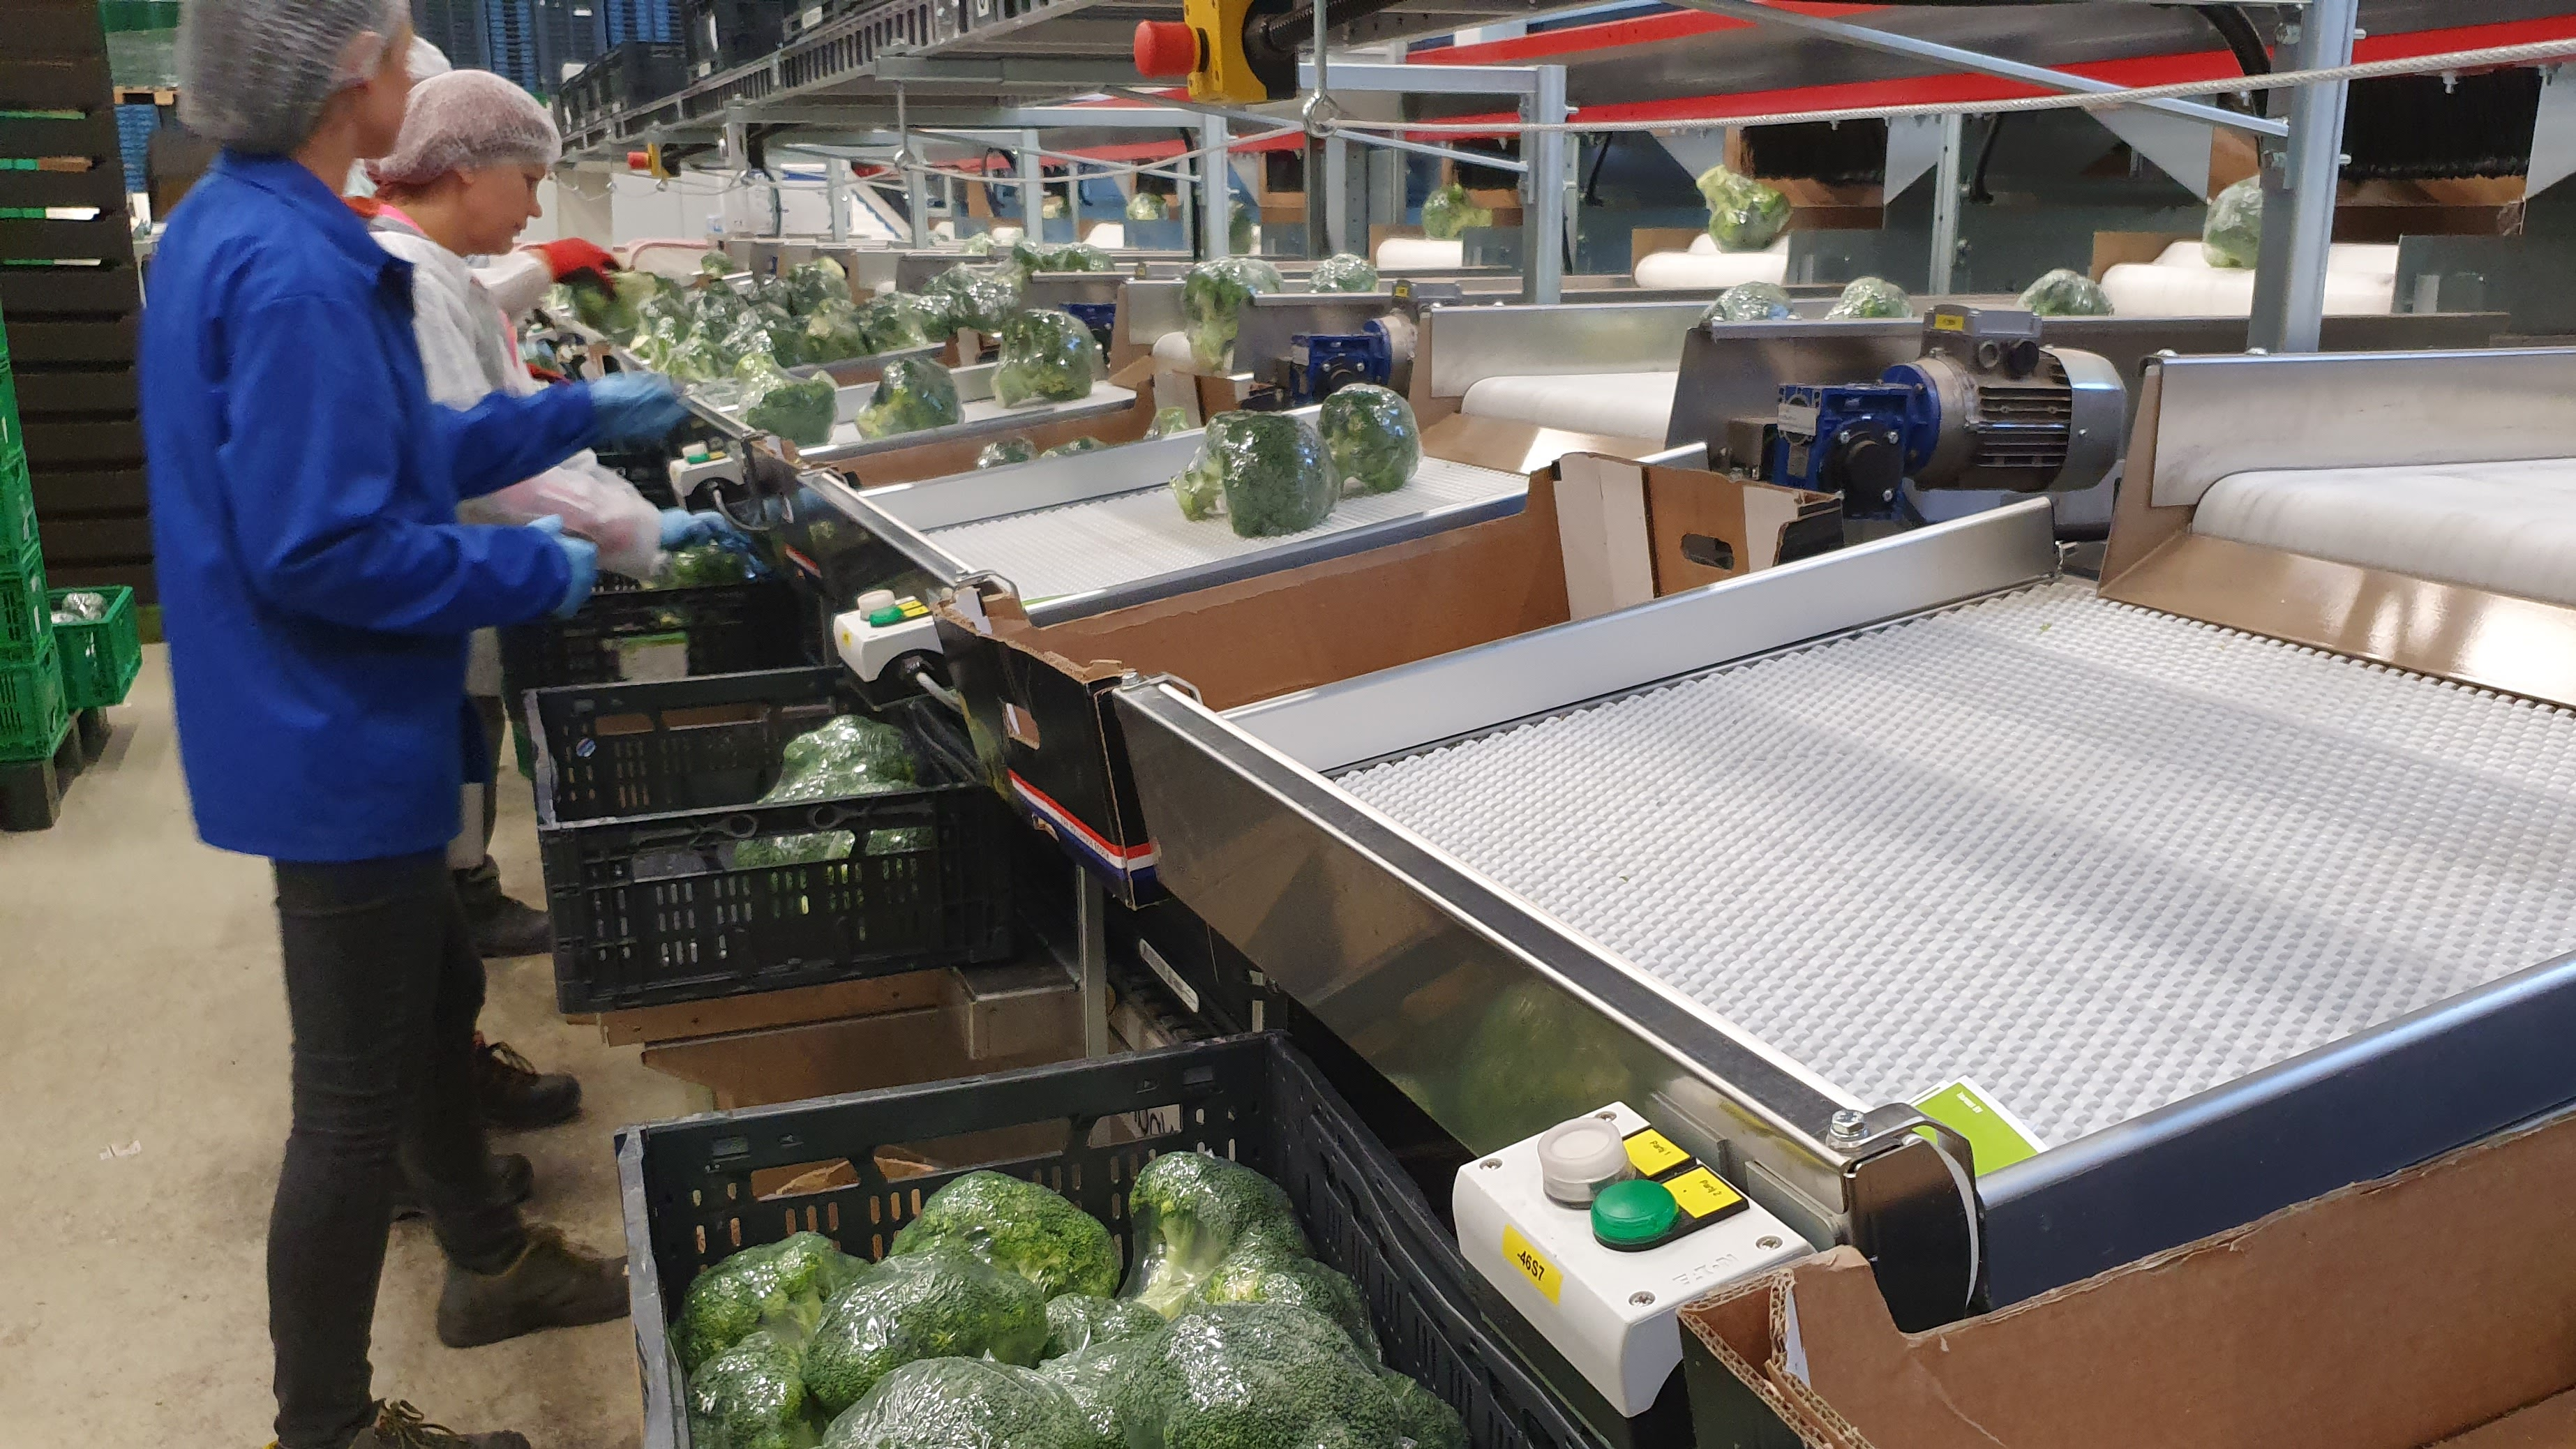 Broccoli verkoop op maat bij The Greenery